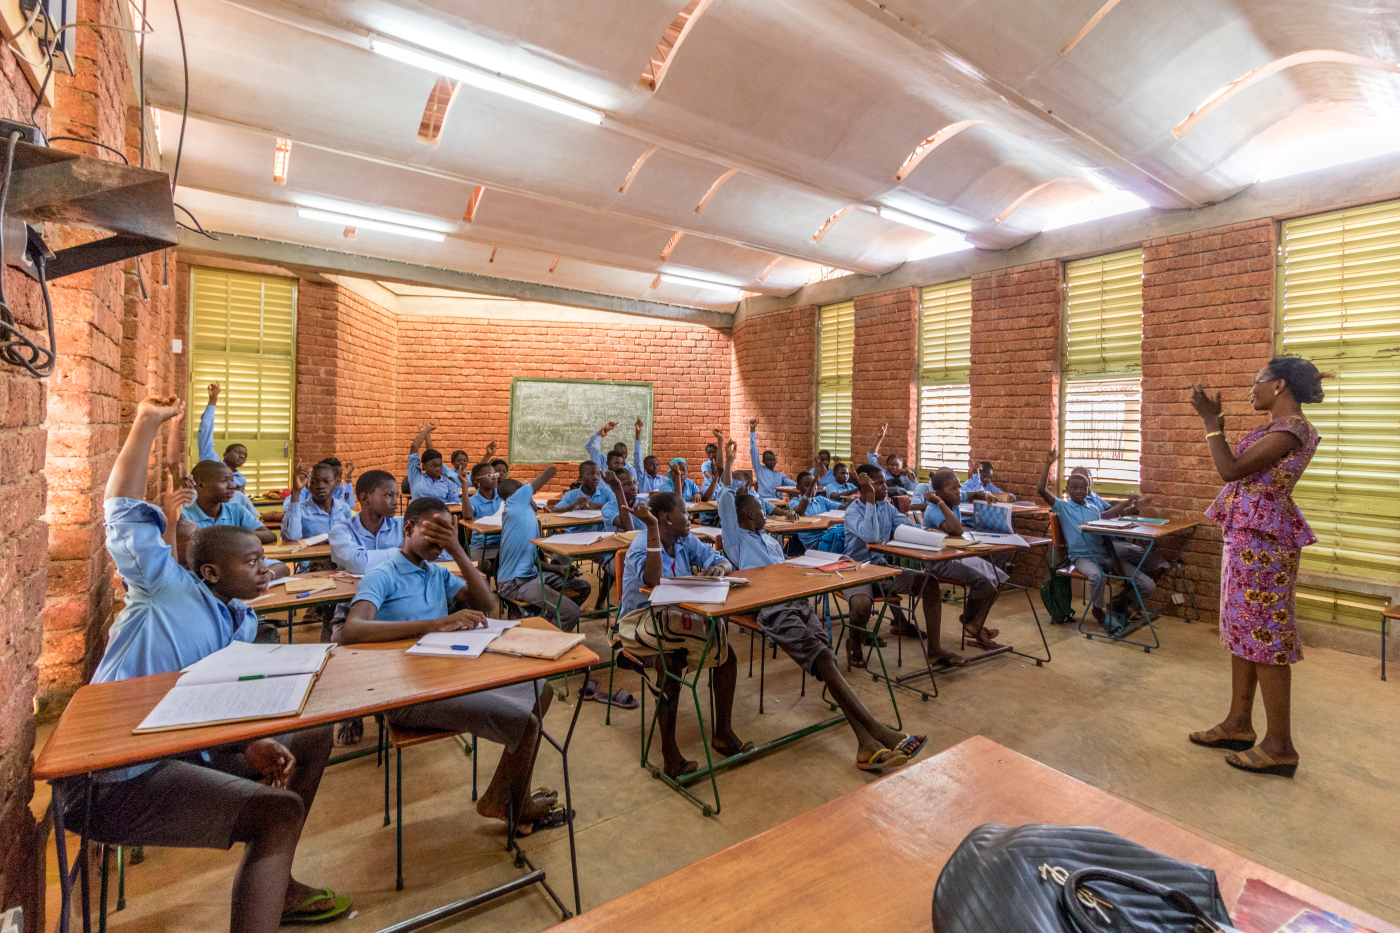 Sala de aula do Lycee Schorge, criado por Kéré, com técnicas e materiais locais, em Burkina Faso.